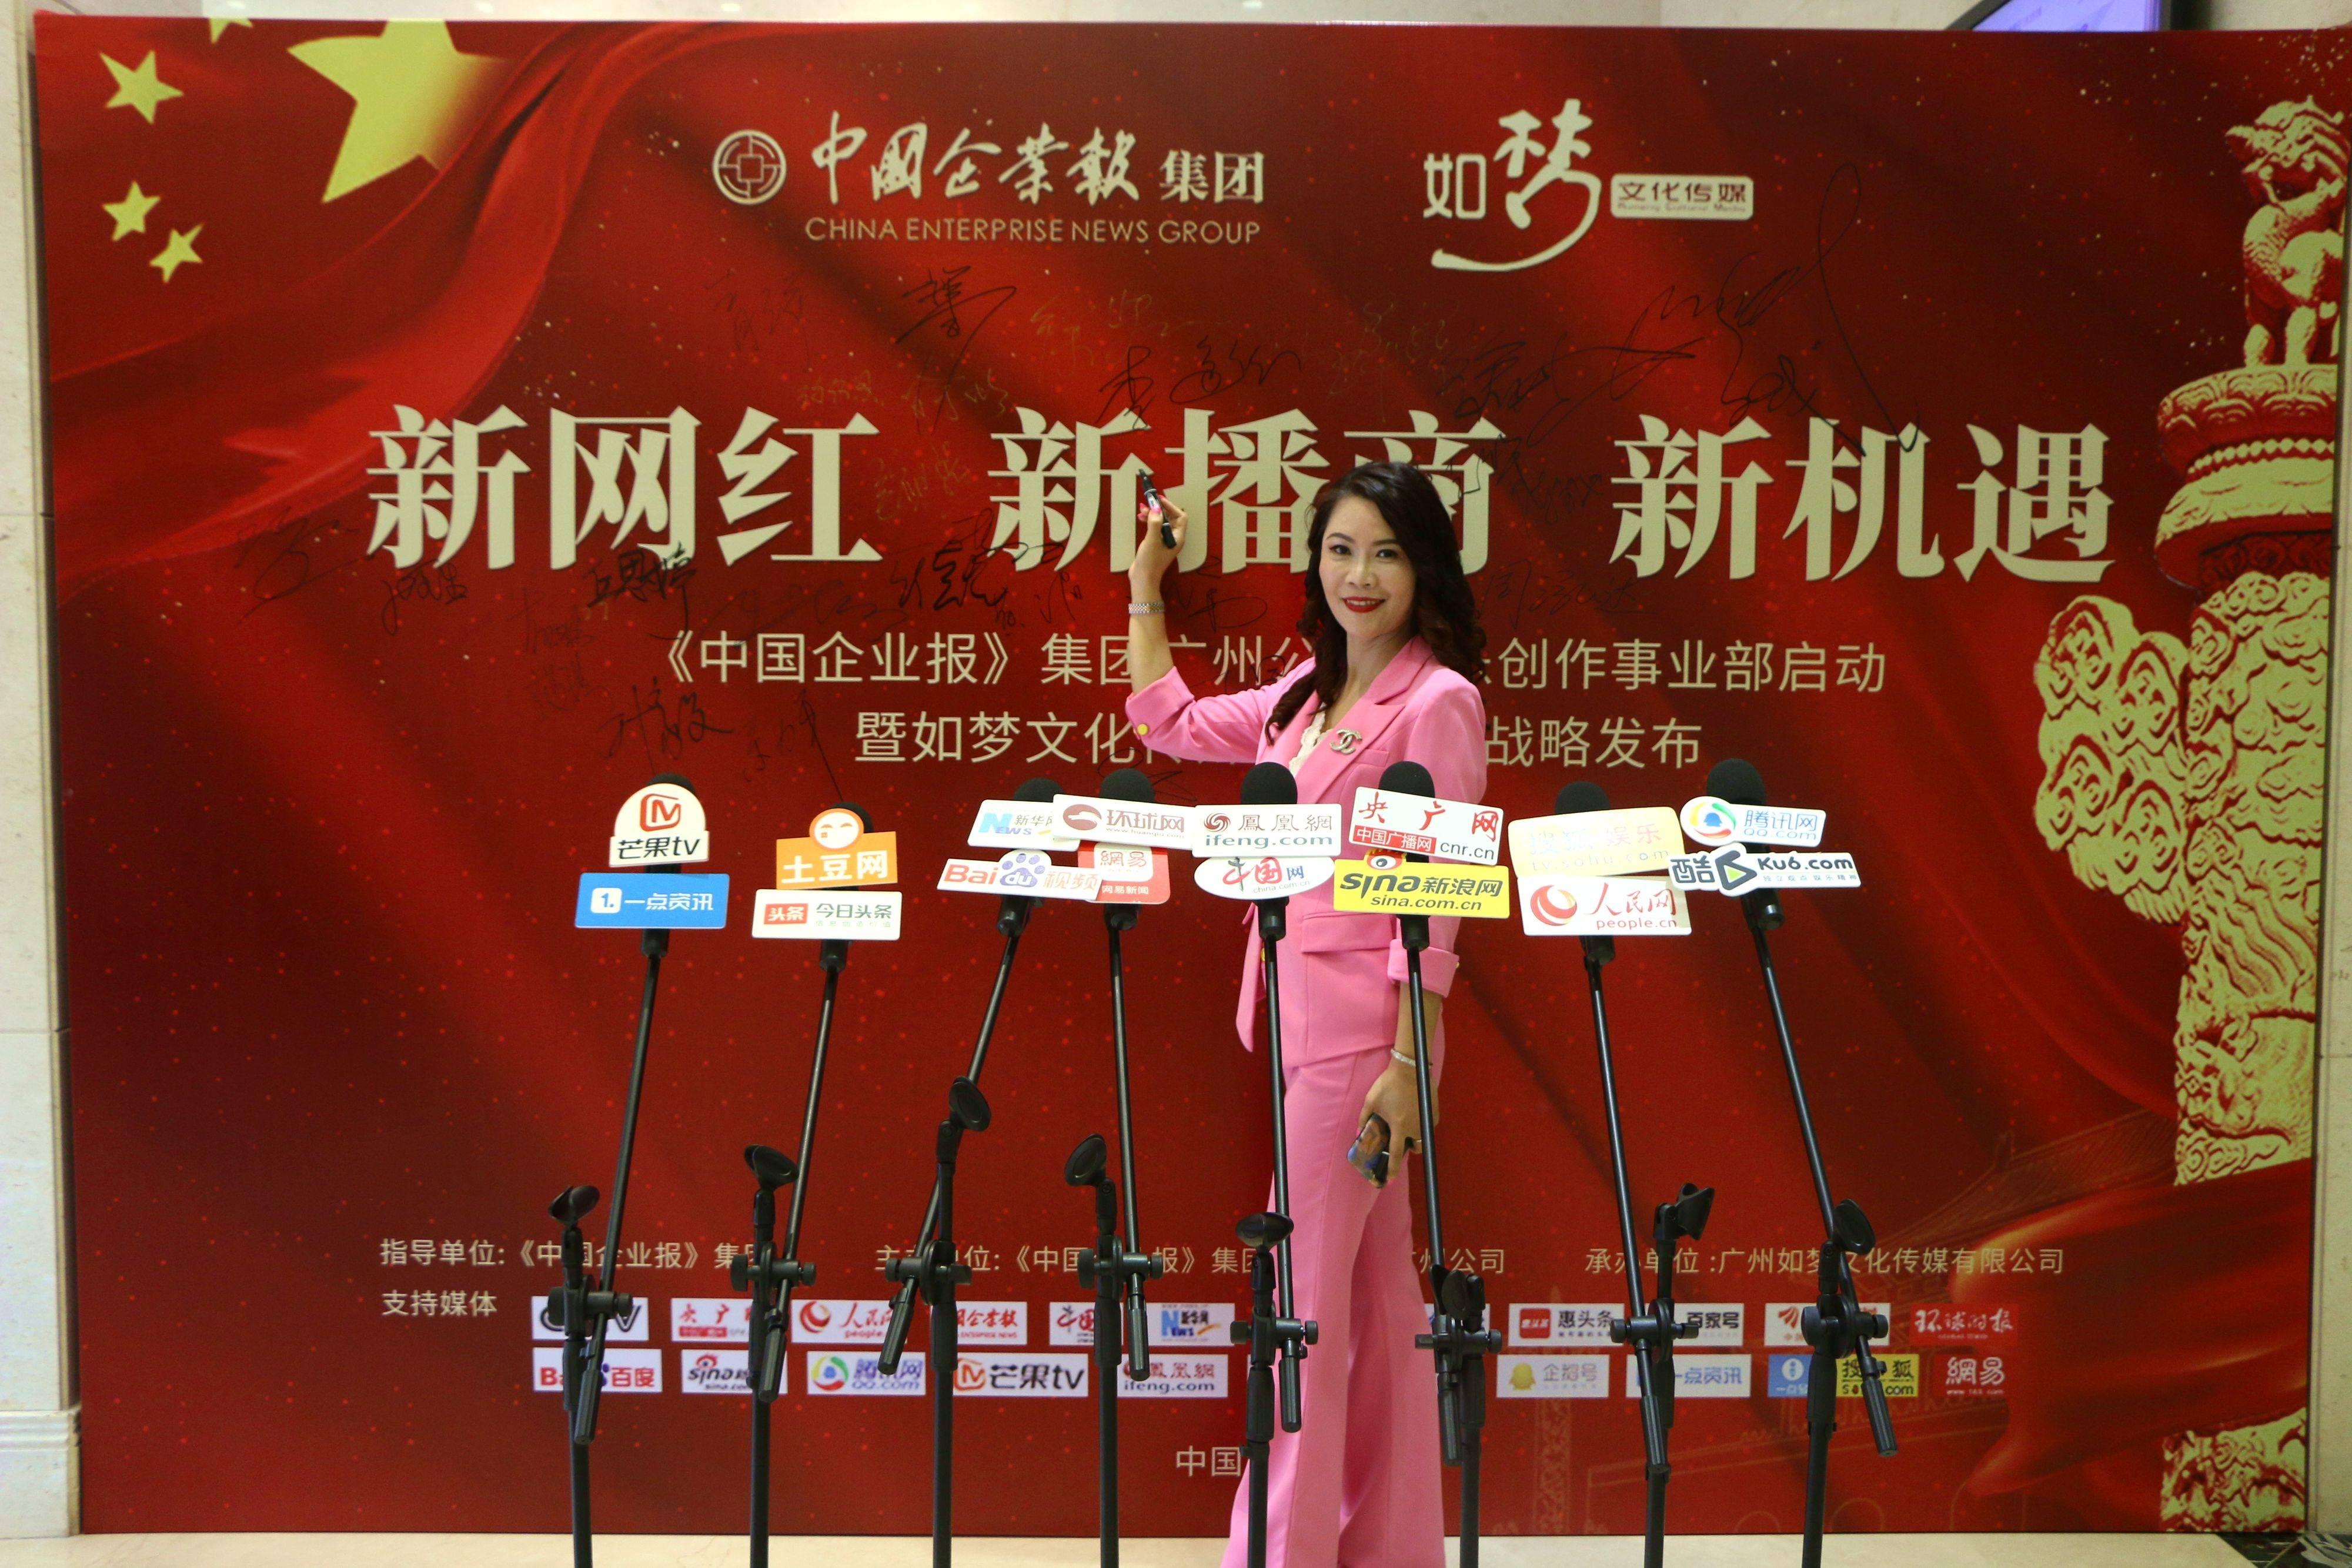 世界中华太太全球赛亚太冠军张楚欣受邀参加国企央媒重要会议